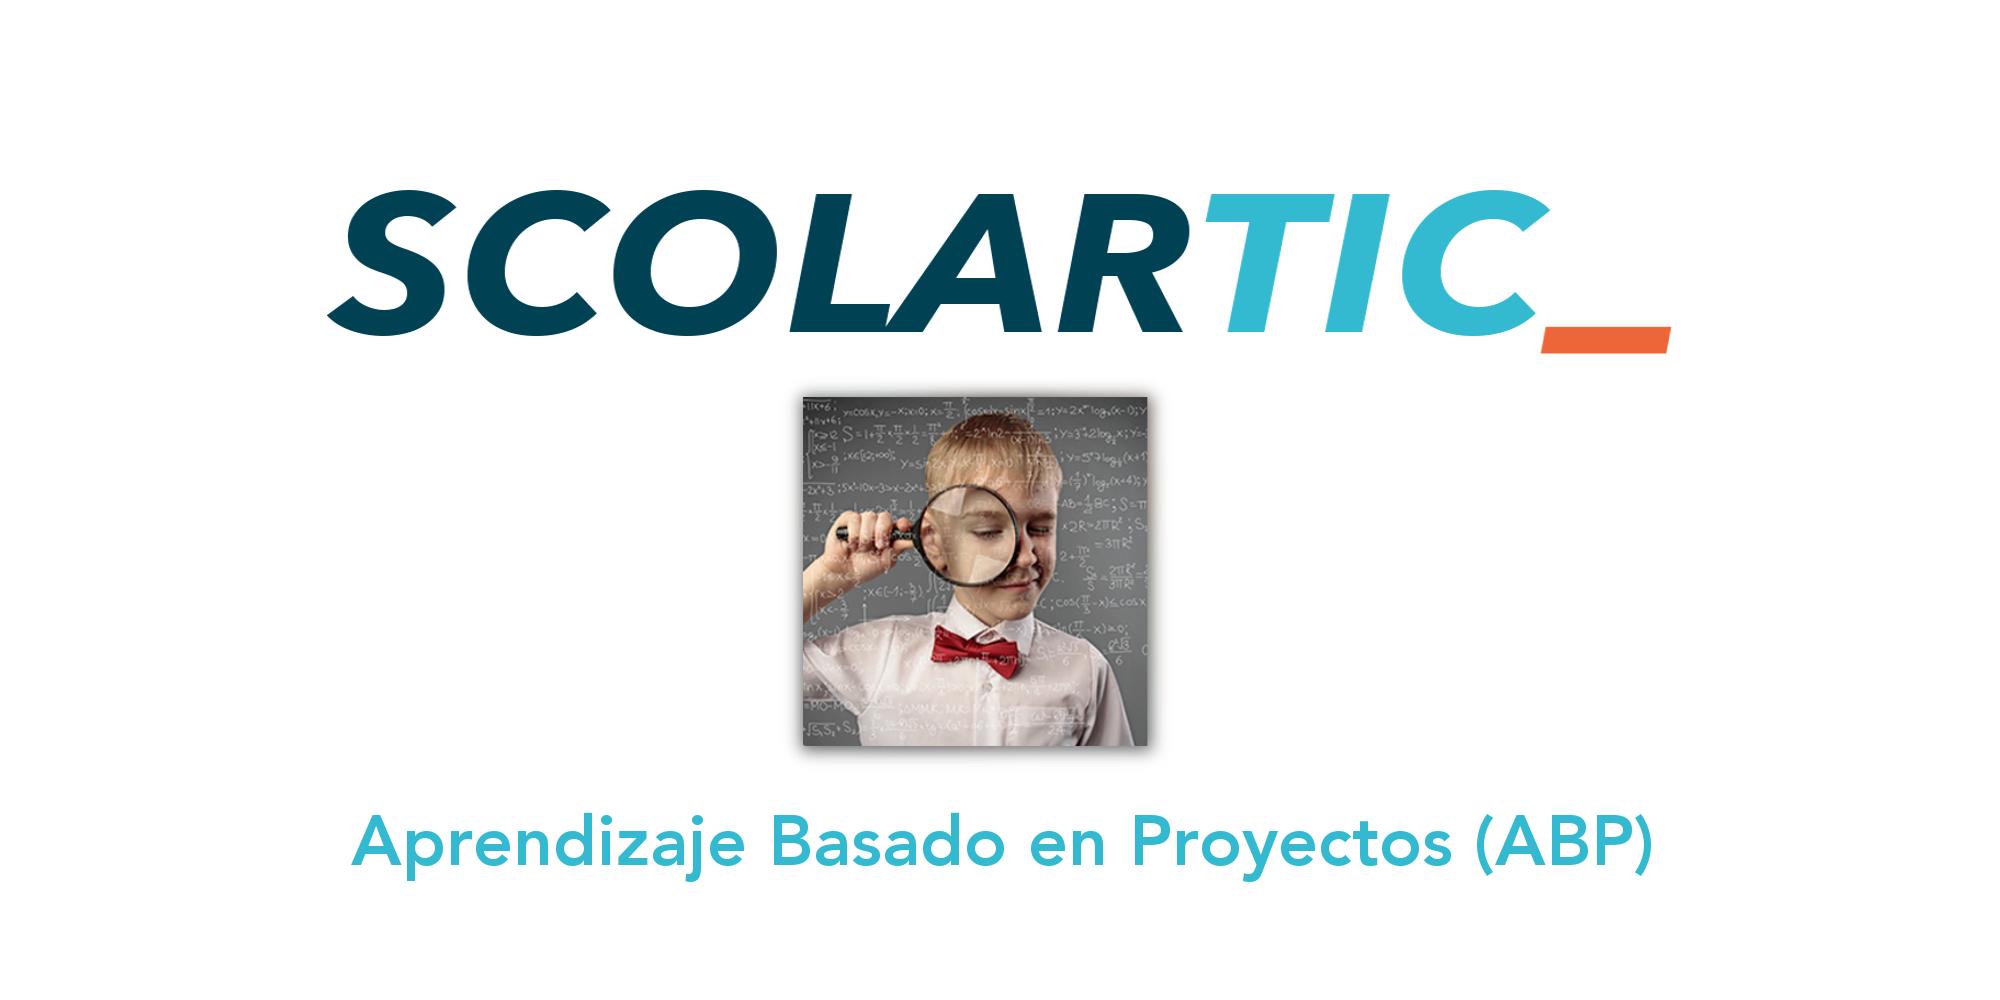 ScolarTIC: Aprendizaje Basado en Proyectos (ABP)